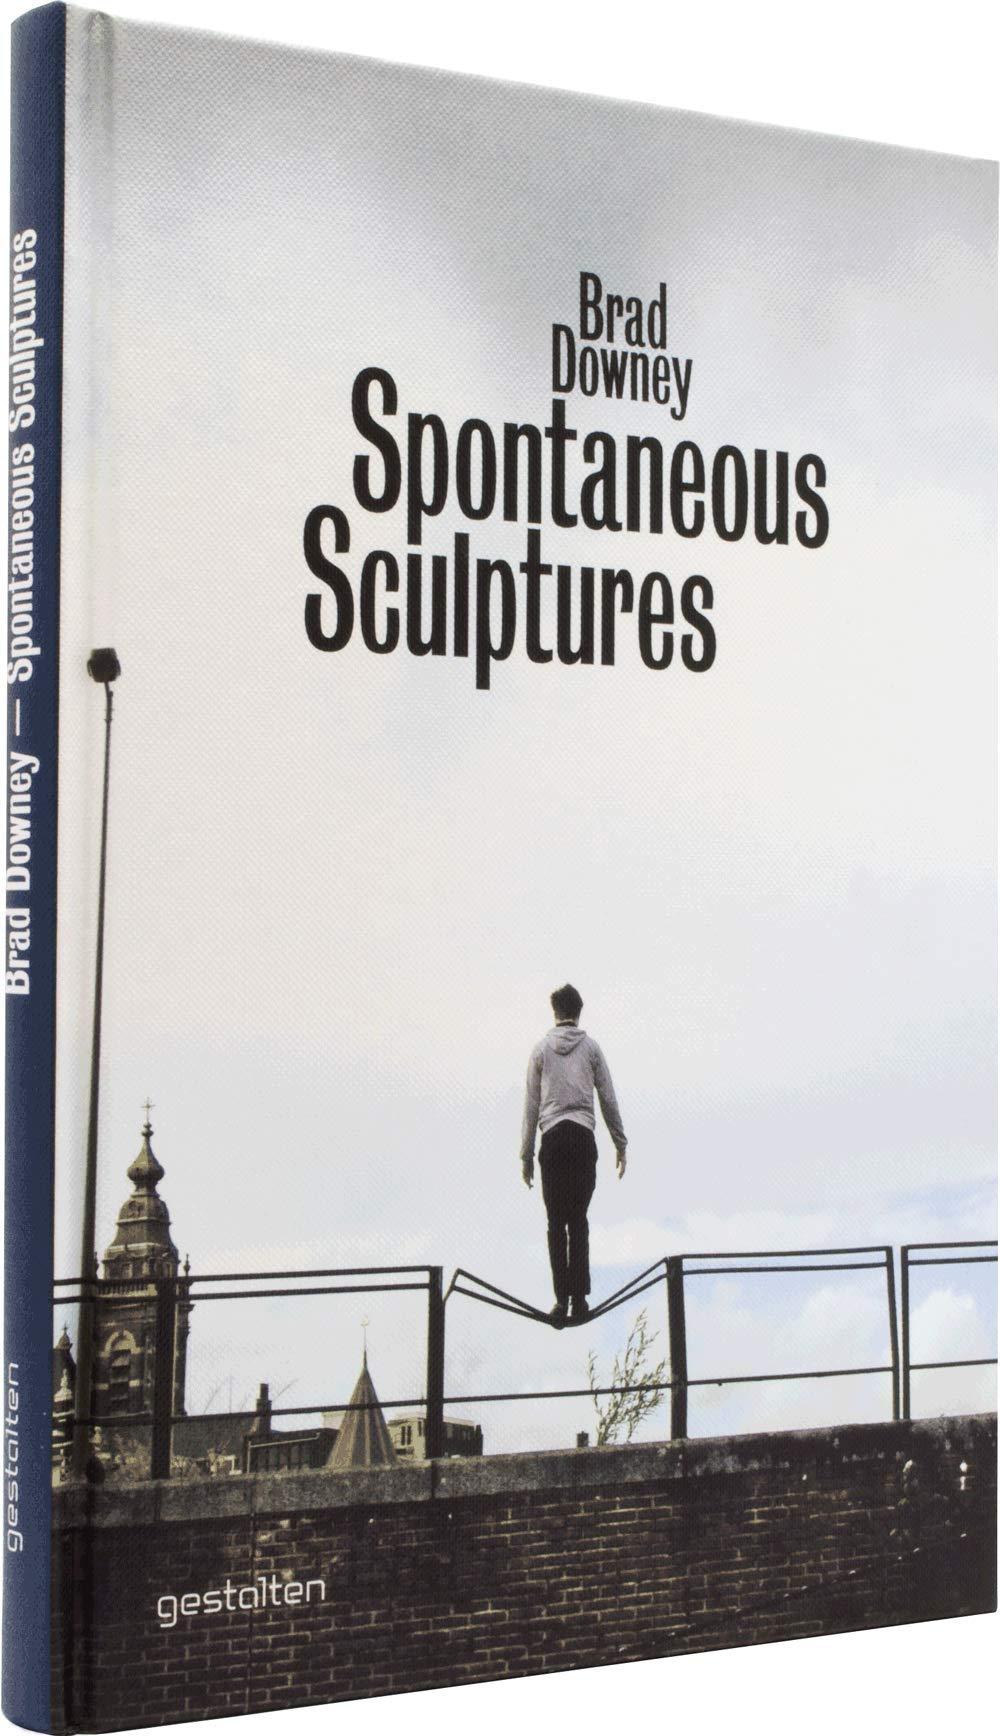 Brad Downey: Spontaneous Sculptures